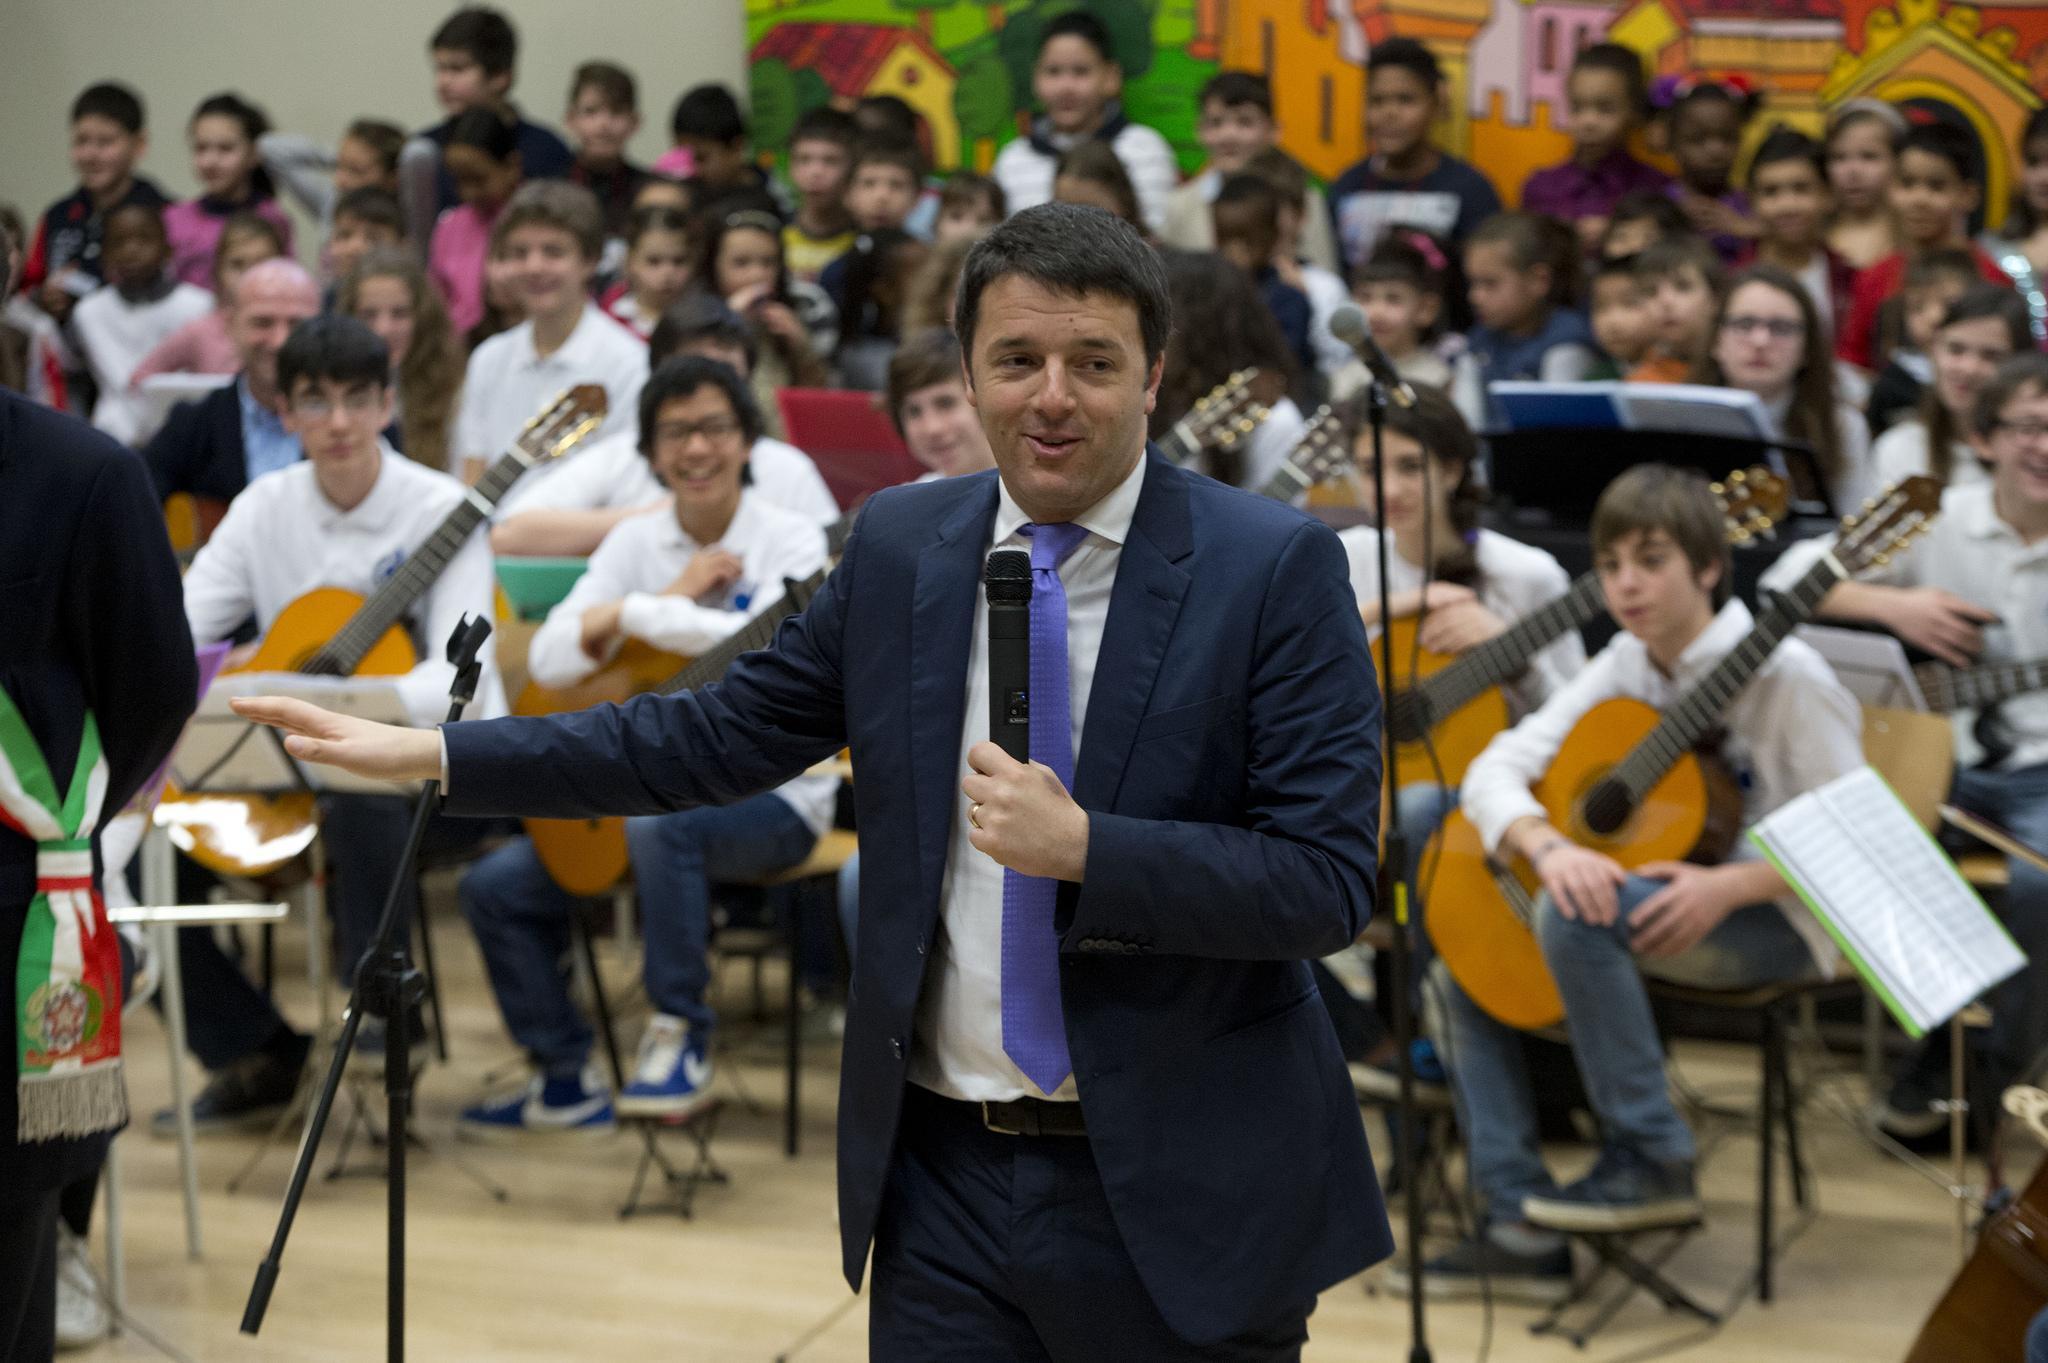 Governo: Renzi con ministri Poletti e Giannini a Treviso